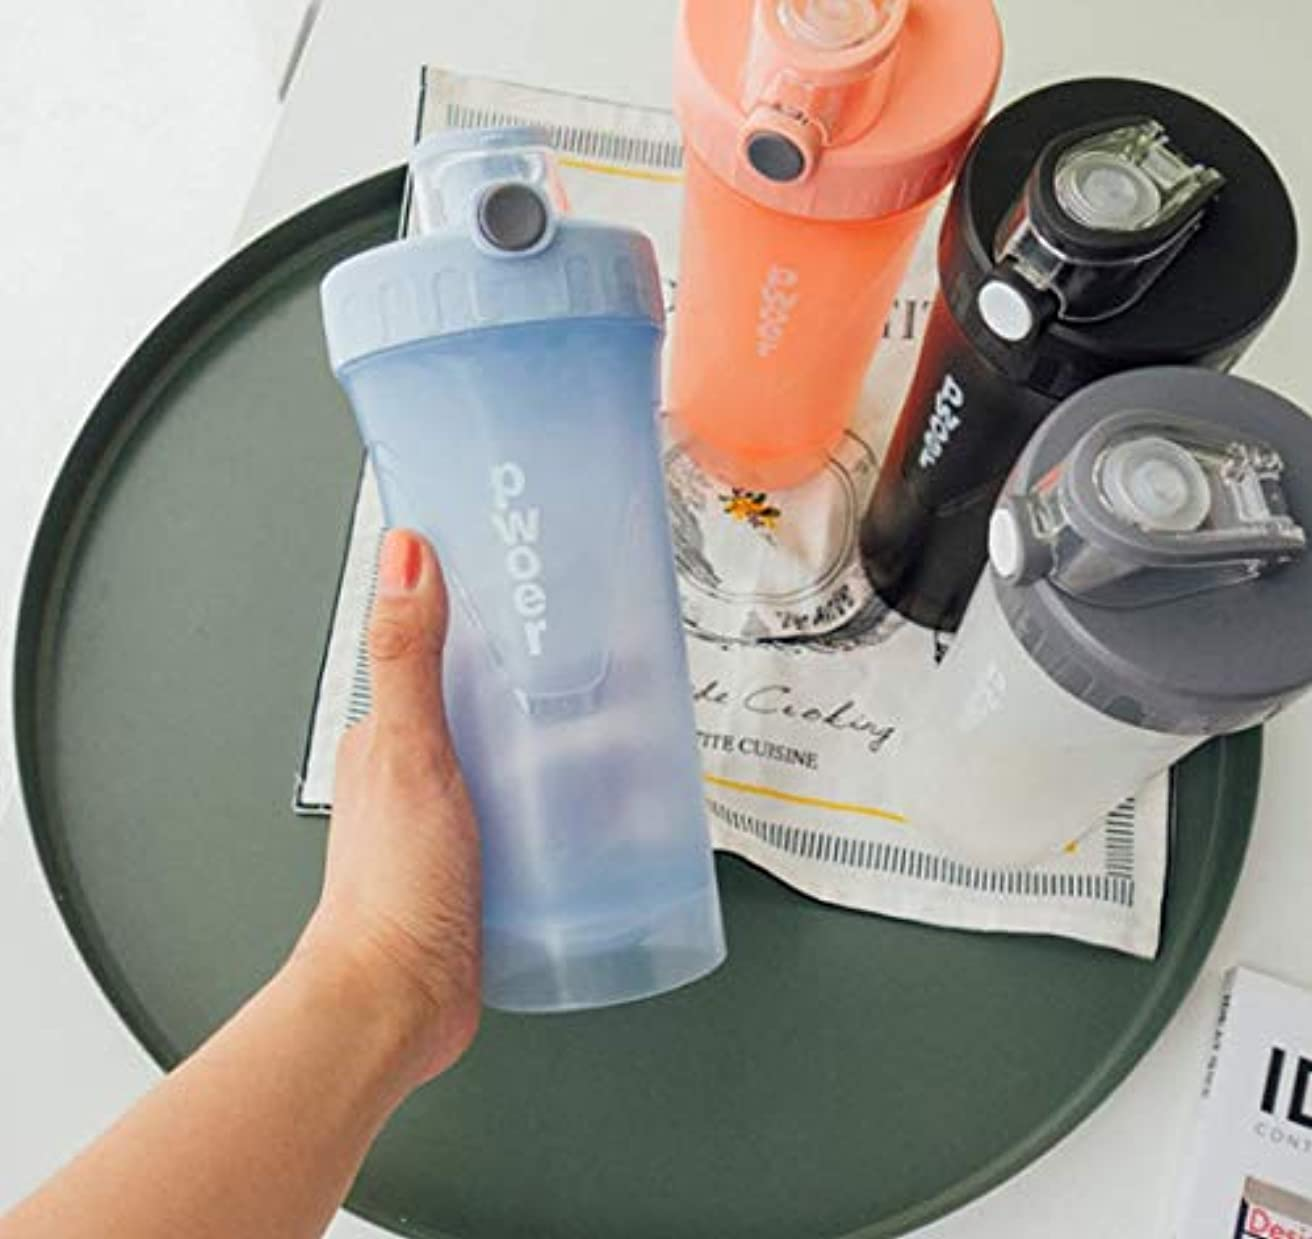 メンタル叫び声有利プロテインシェーカー 栄養錠剤ビタミン入れ ダイエットドリンク用 タンパク質パウダーミキサーボルト 栄養補給 プロテイン 収納ケース 水筒 漏れ防止 シェーカーボトル